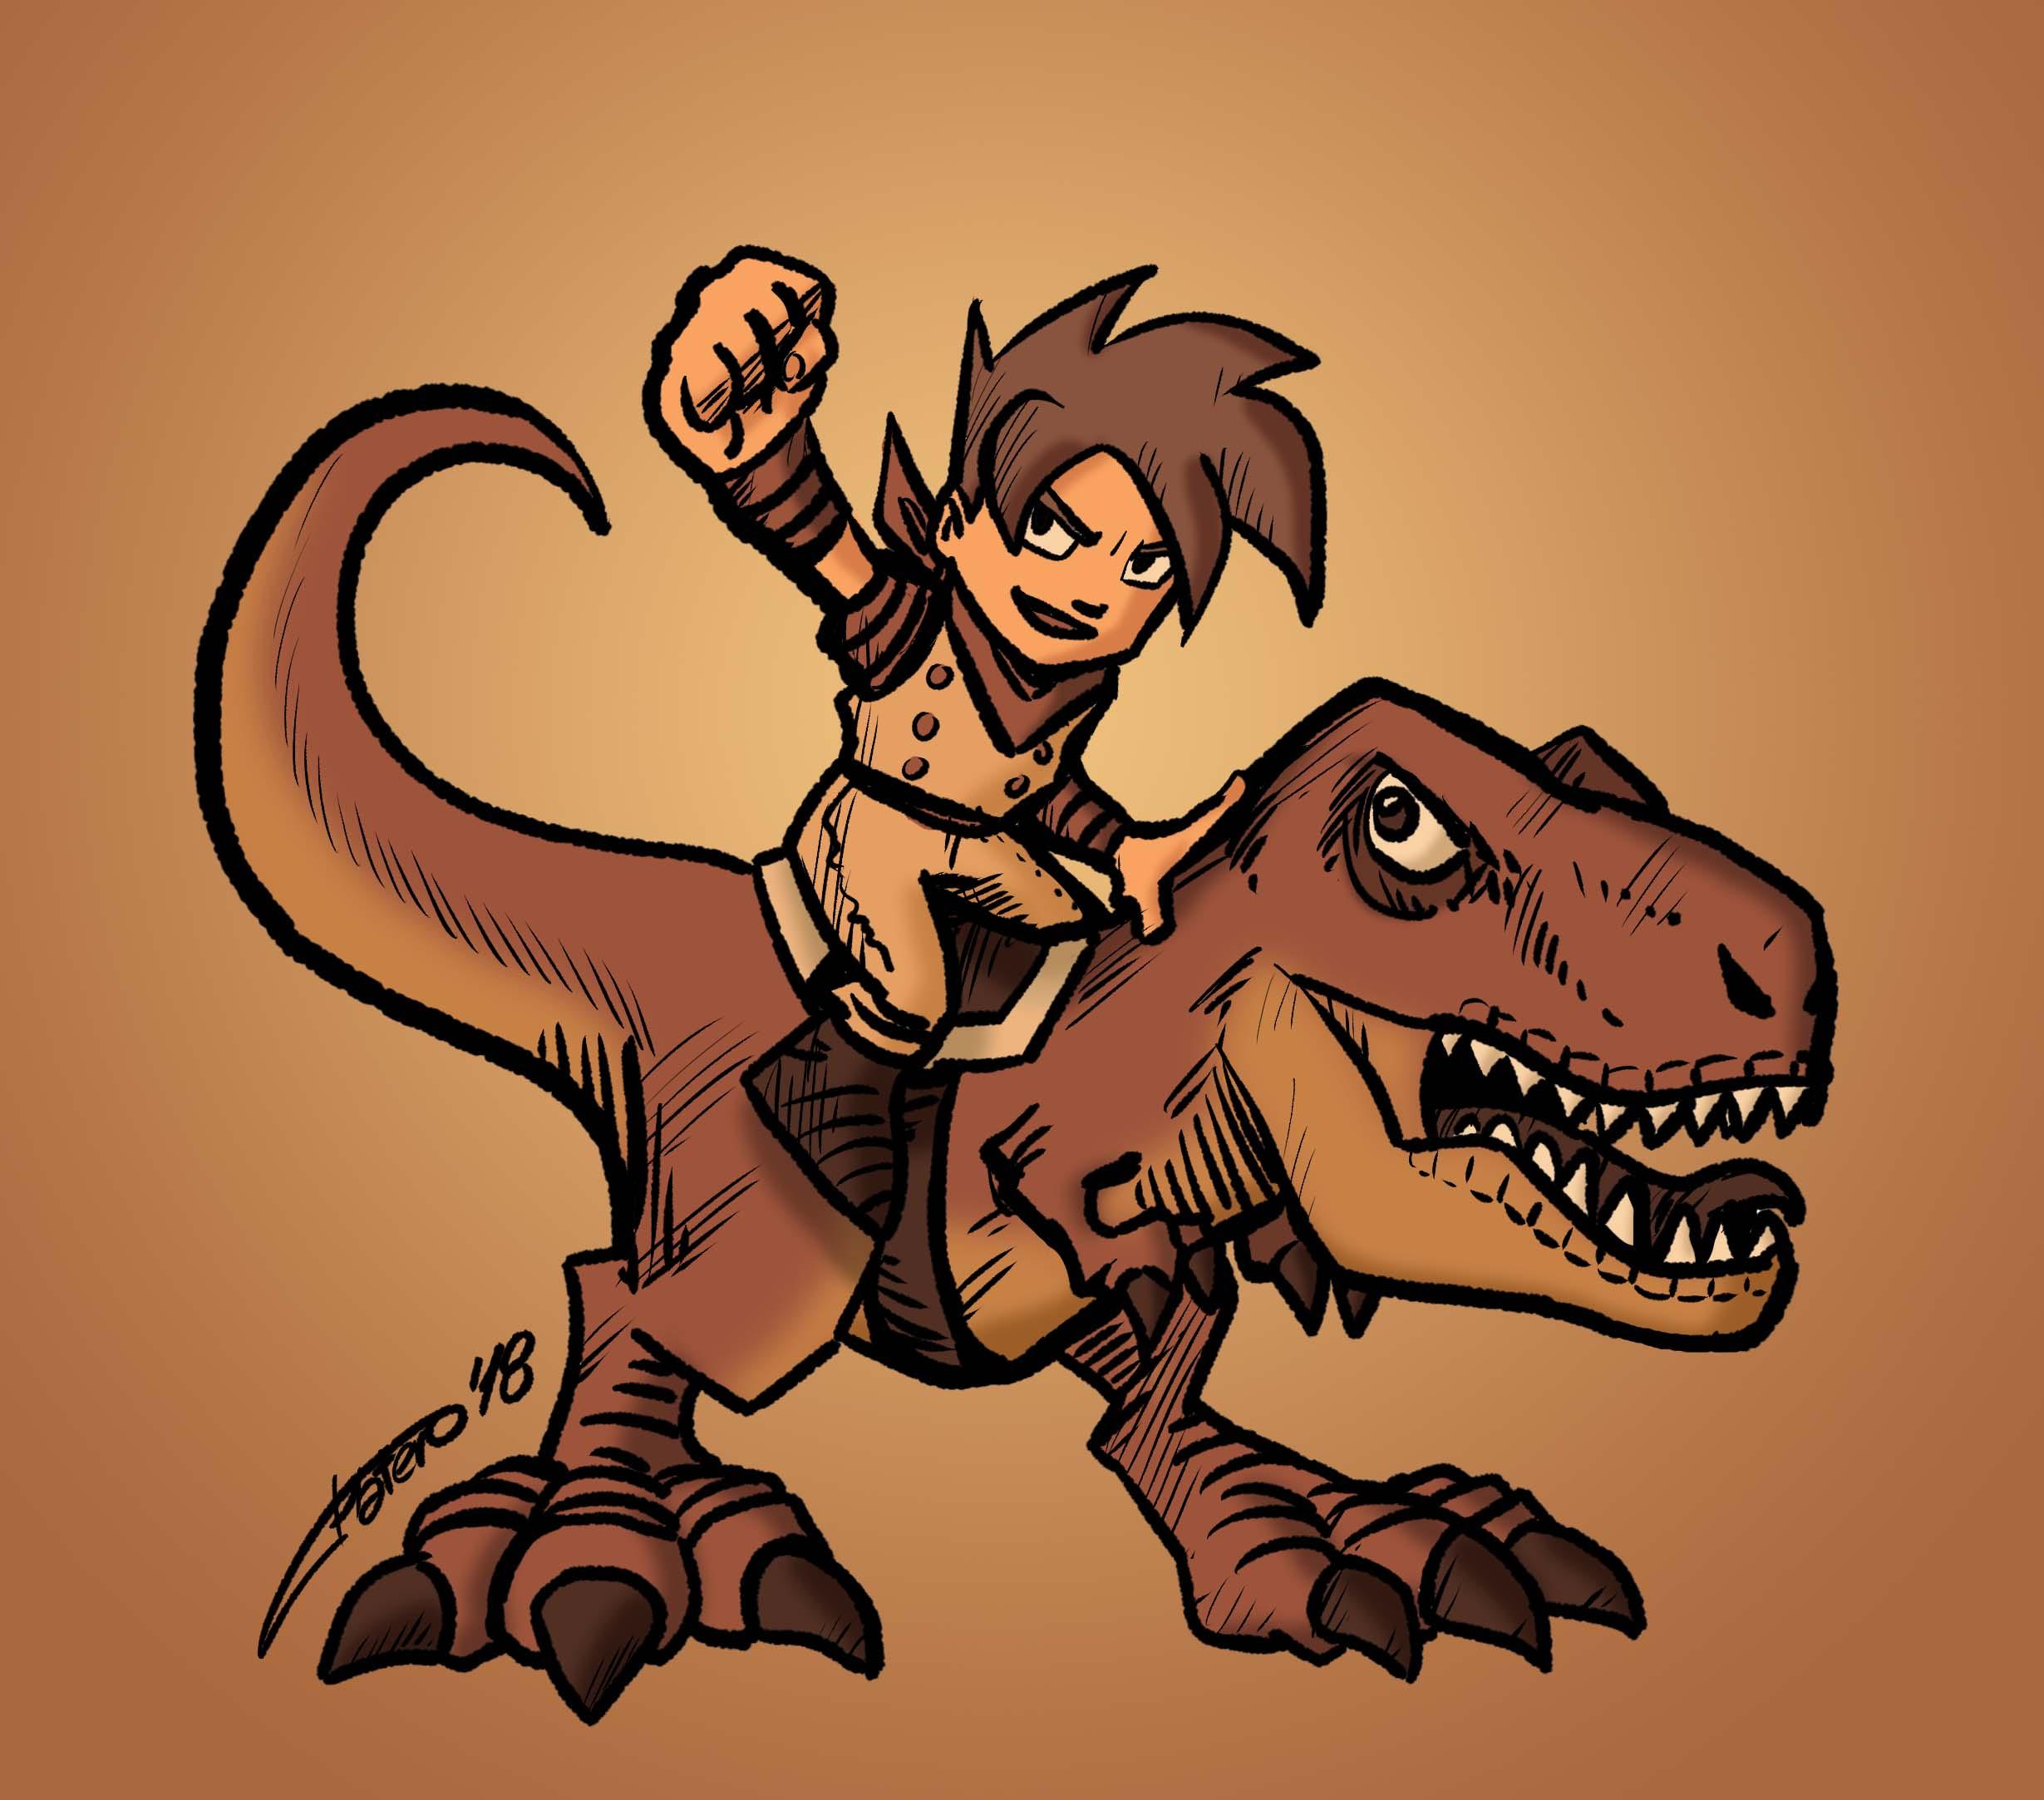 dinosaurio_chico_jose_luis_platero